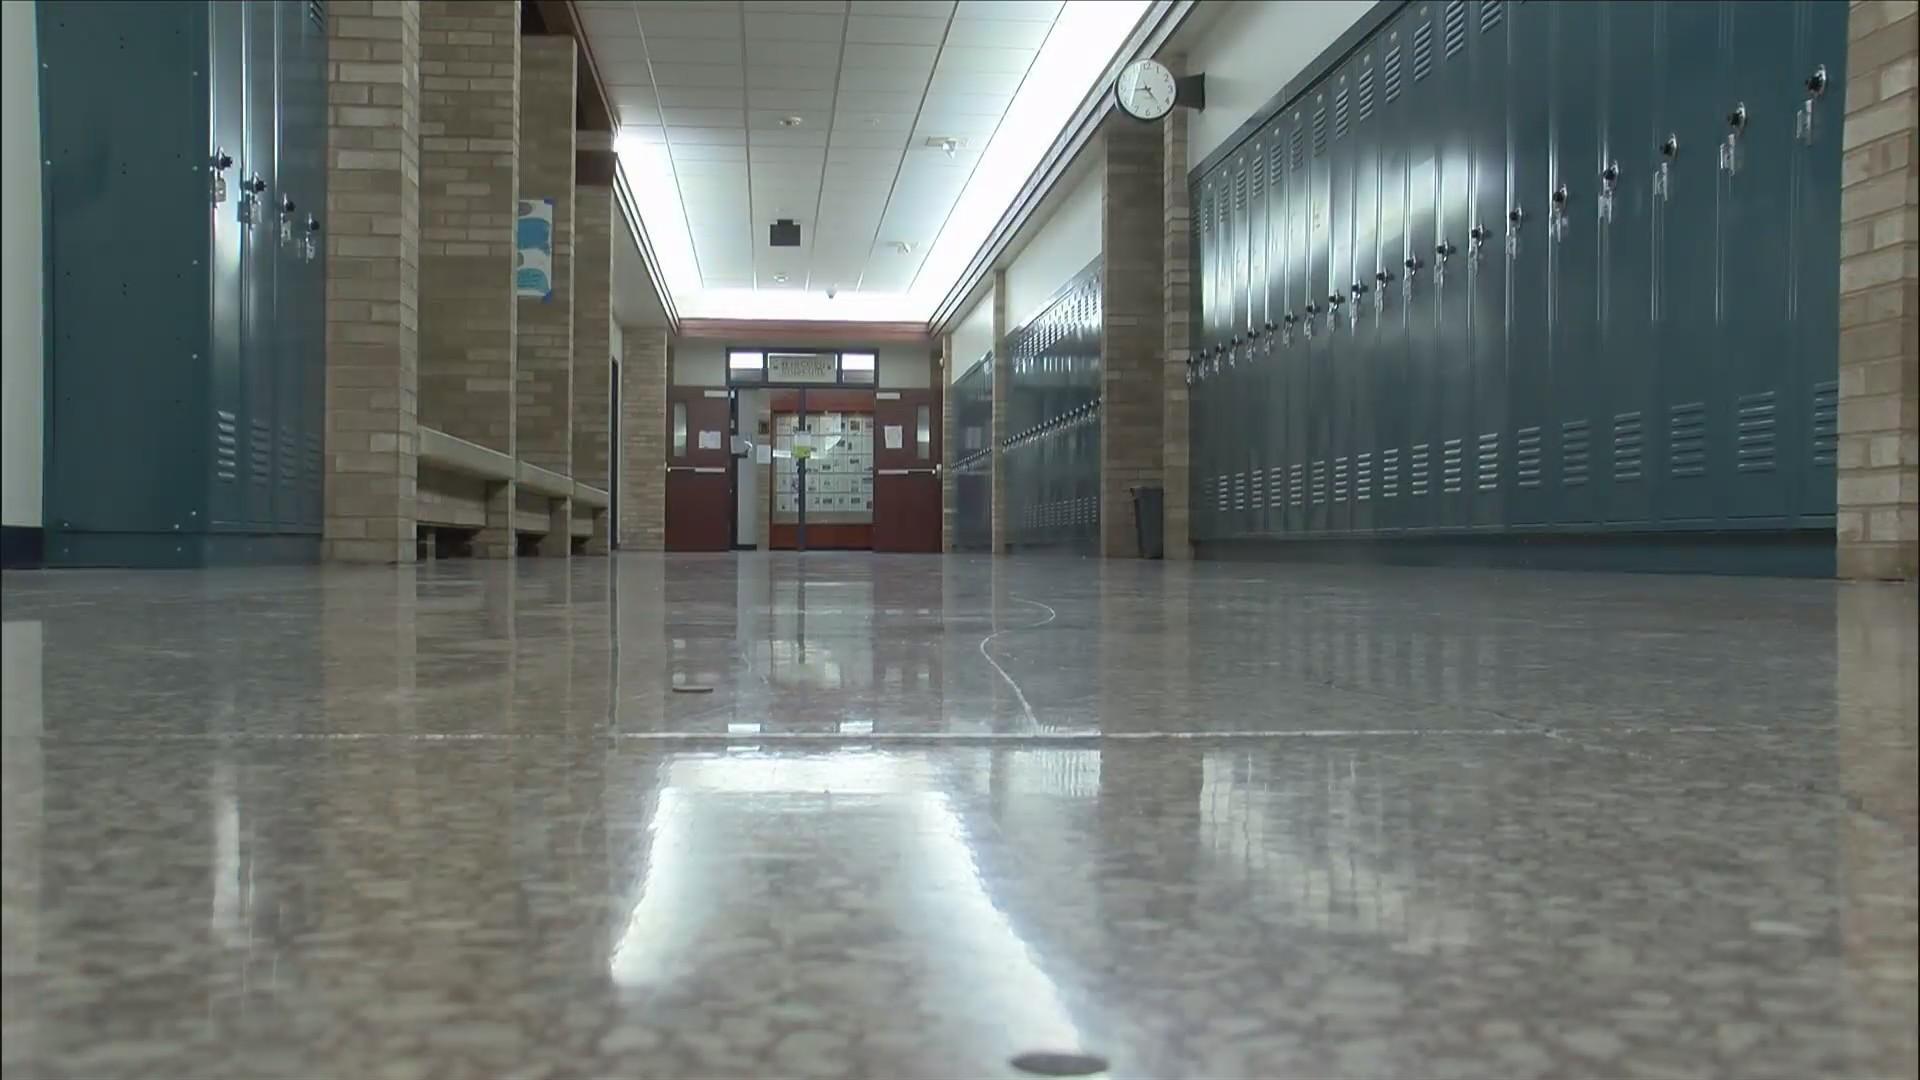 Union says 75 teachers laid off, parents concerned